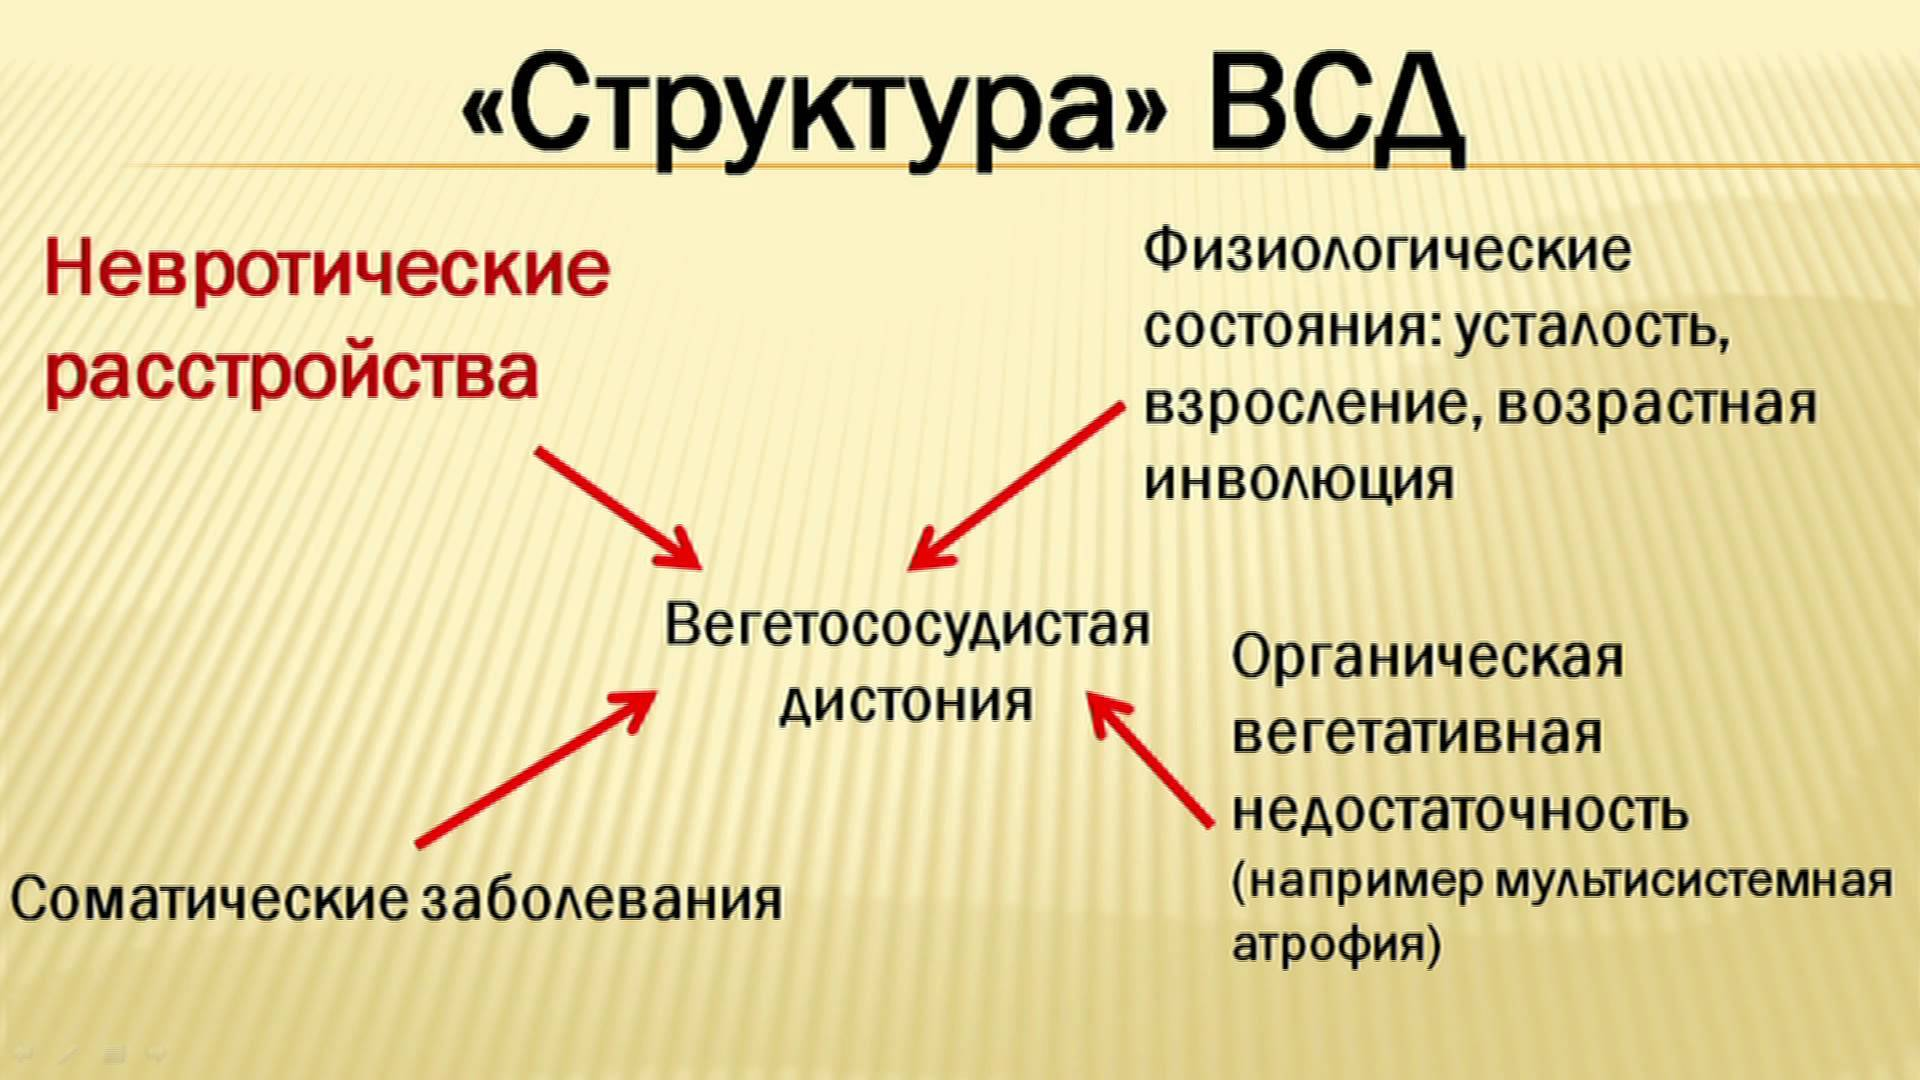 za liječenje hipertenzije wegetososudistaya)